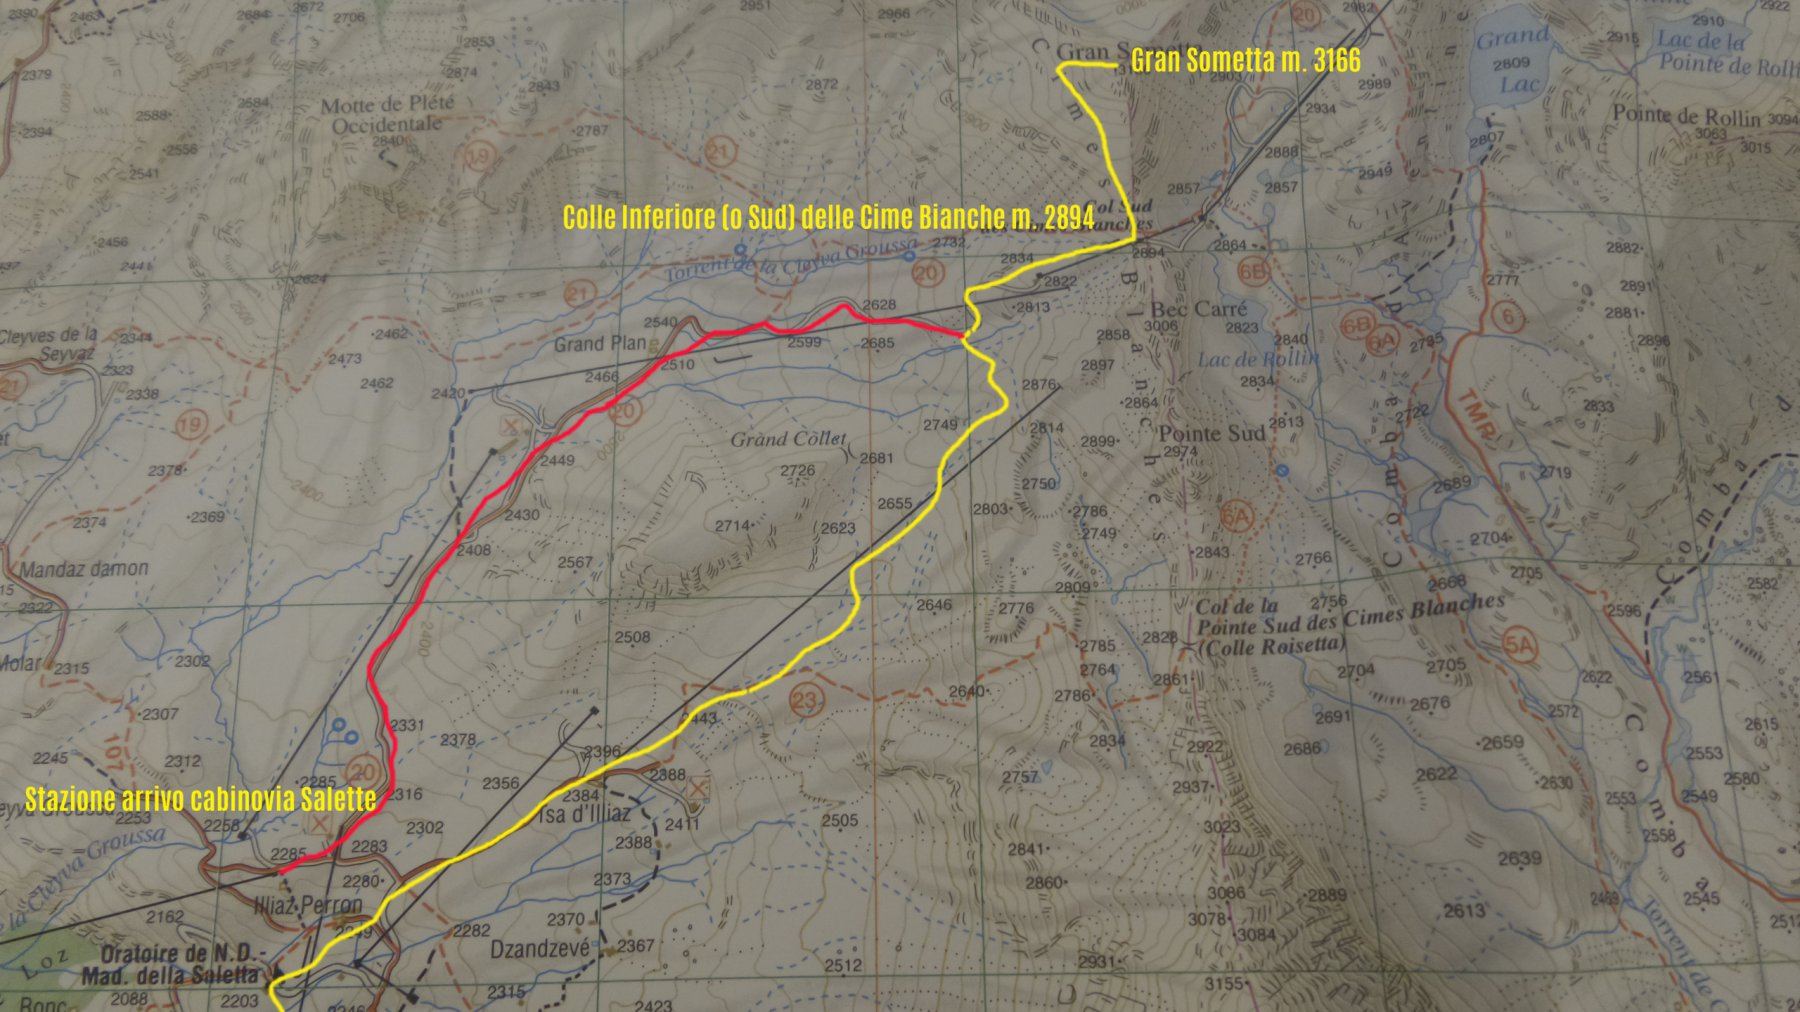 stralcio di carta topografica con l'itinerario di salita (e i due percorsi possibili per arrivare al Colle Inferiore delle Cime Bianche in giallo e rosso)